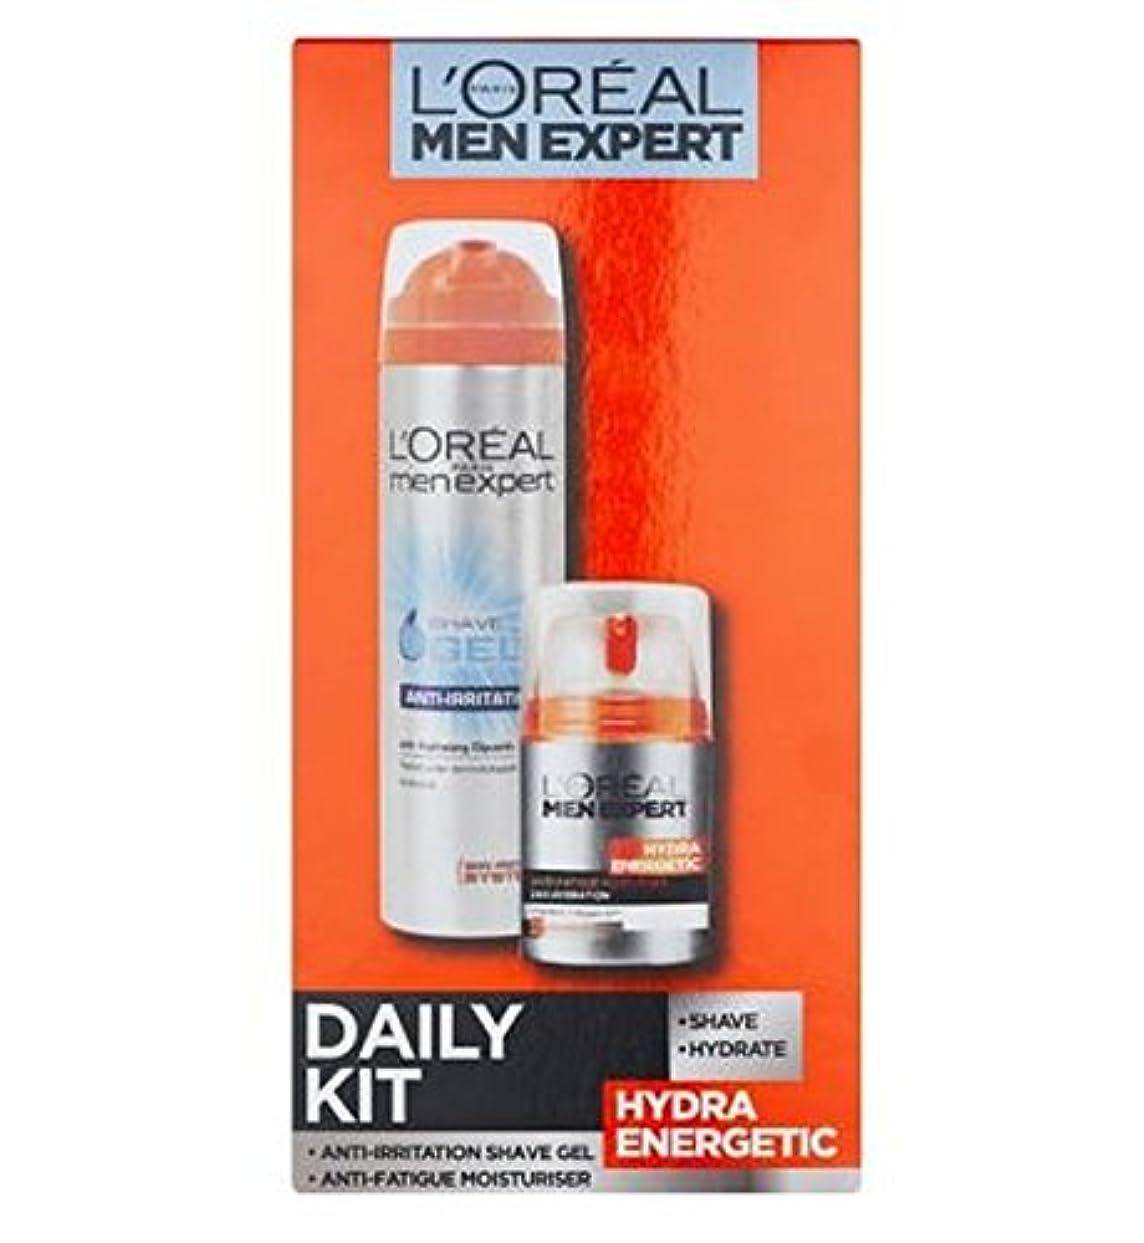 構造娯楽晴れL'Oreal Men Expert Hydra Energetic Daily Skincare Kit - ロレアルの男性の専門家ヒドラエネルギッシュな毎日のスキンケアキット (L'Oreal) [並行輸入品]